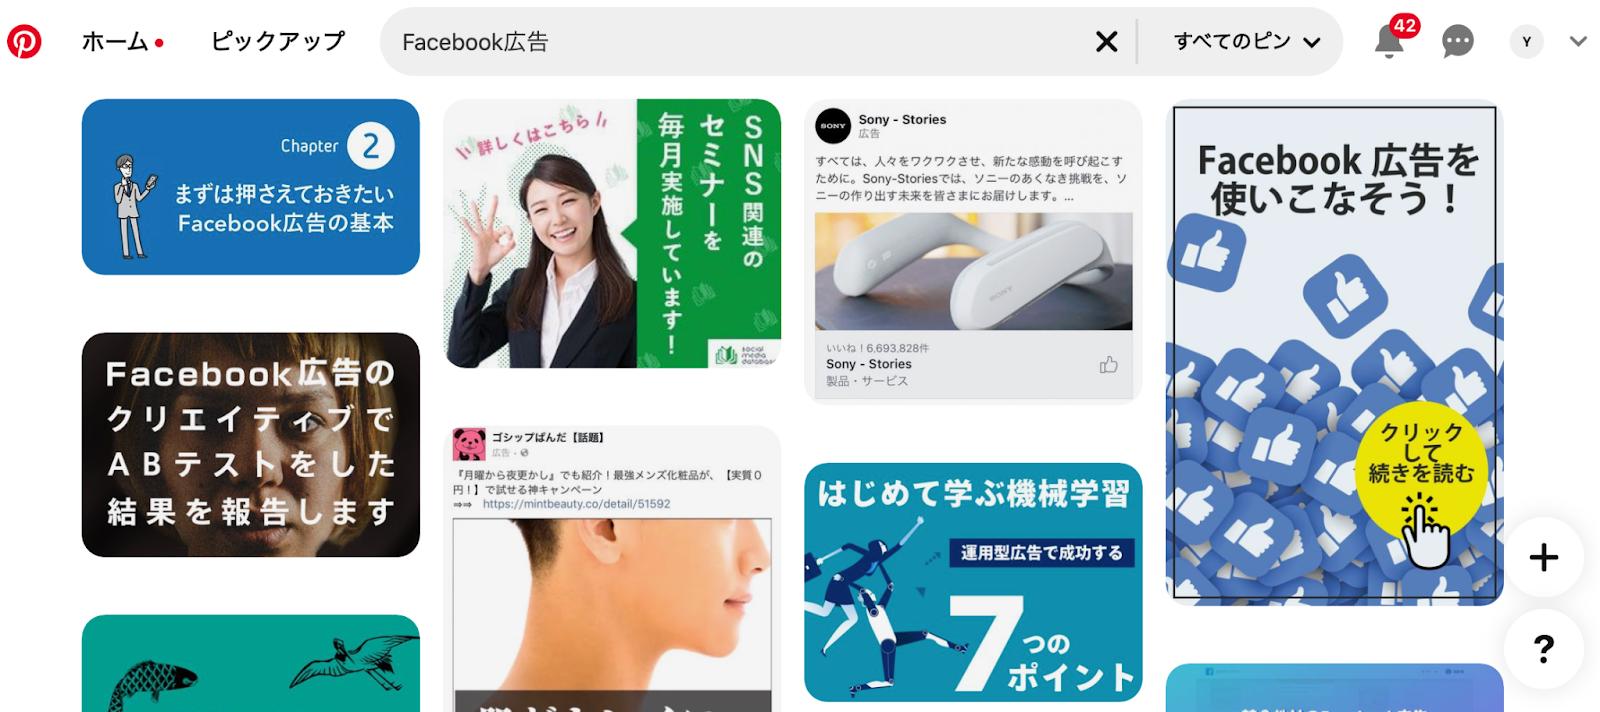 BtoBマーケティング用語集をアイウエオ順 | 「ハ」行編